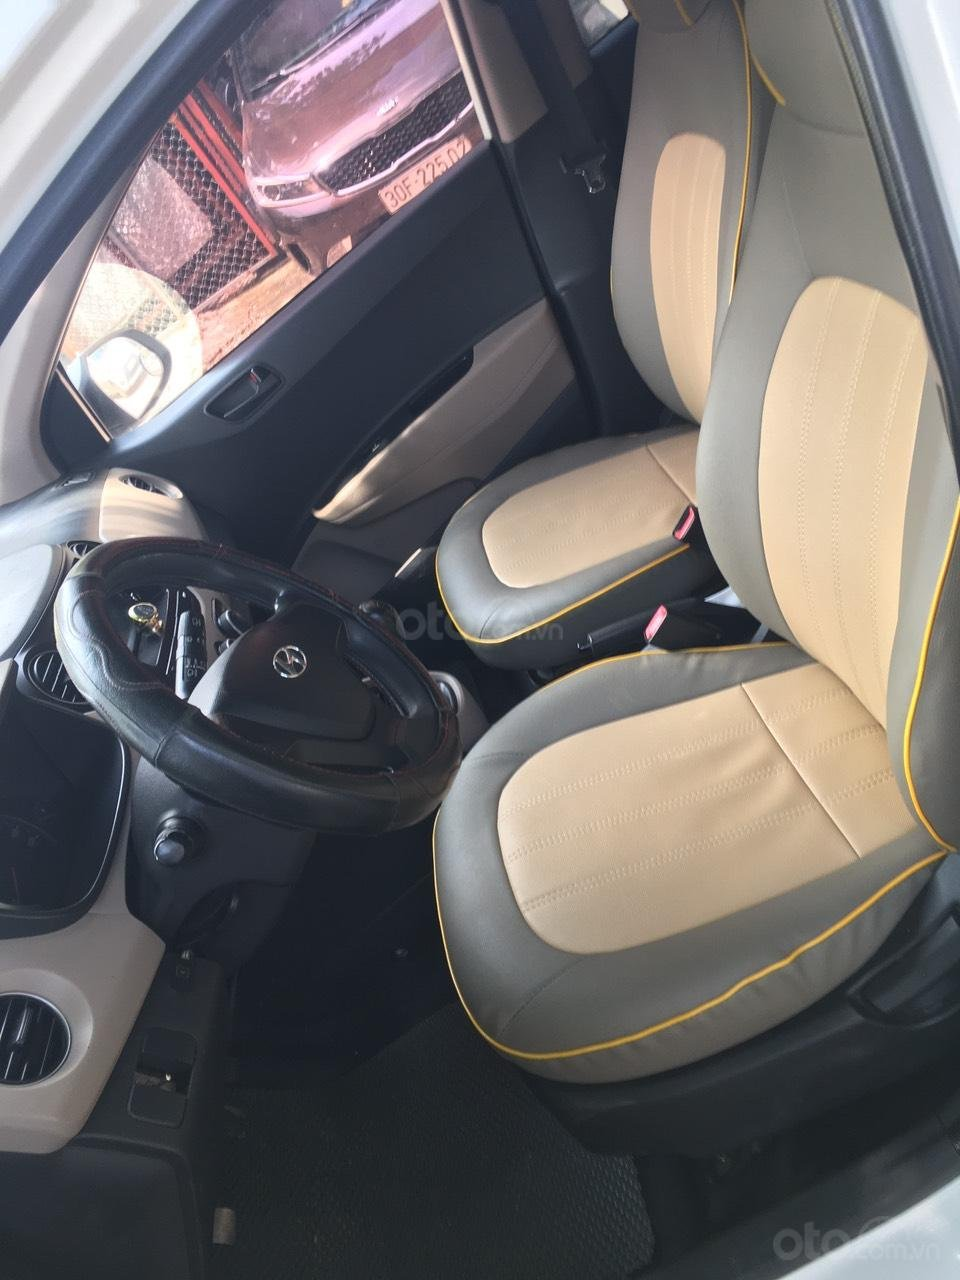 Cần bán xe Hyundai Grand i10 đời 2014, giá tốt (8)